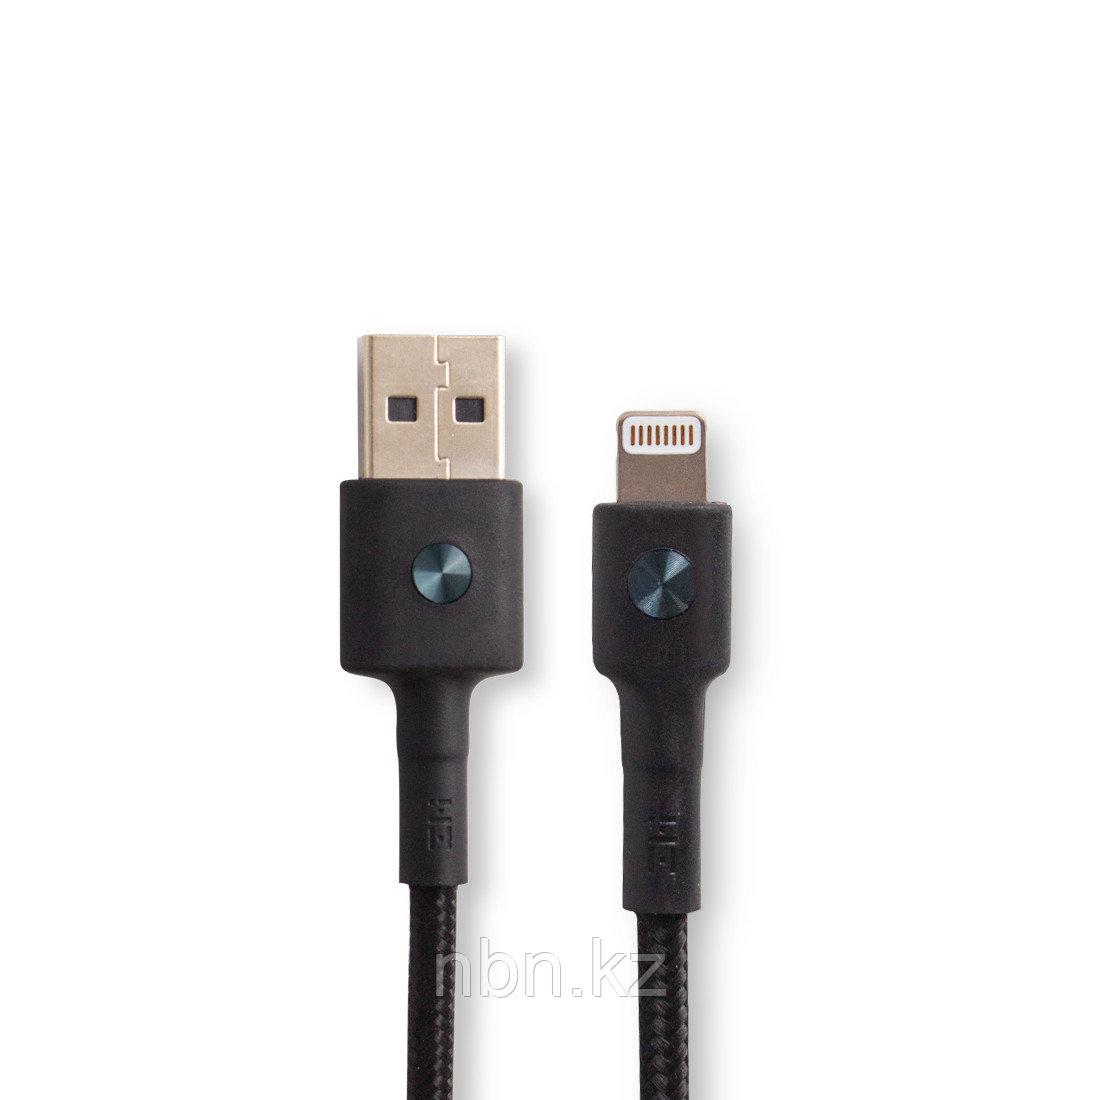 Интерфейсный Кабель USB/Lightning Xiaomi ZMI AL803/AL805 MFi 100 см Черный